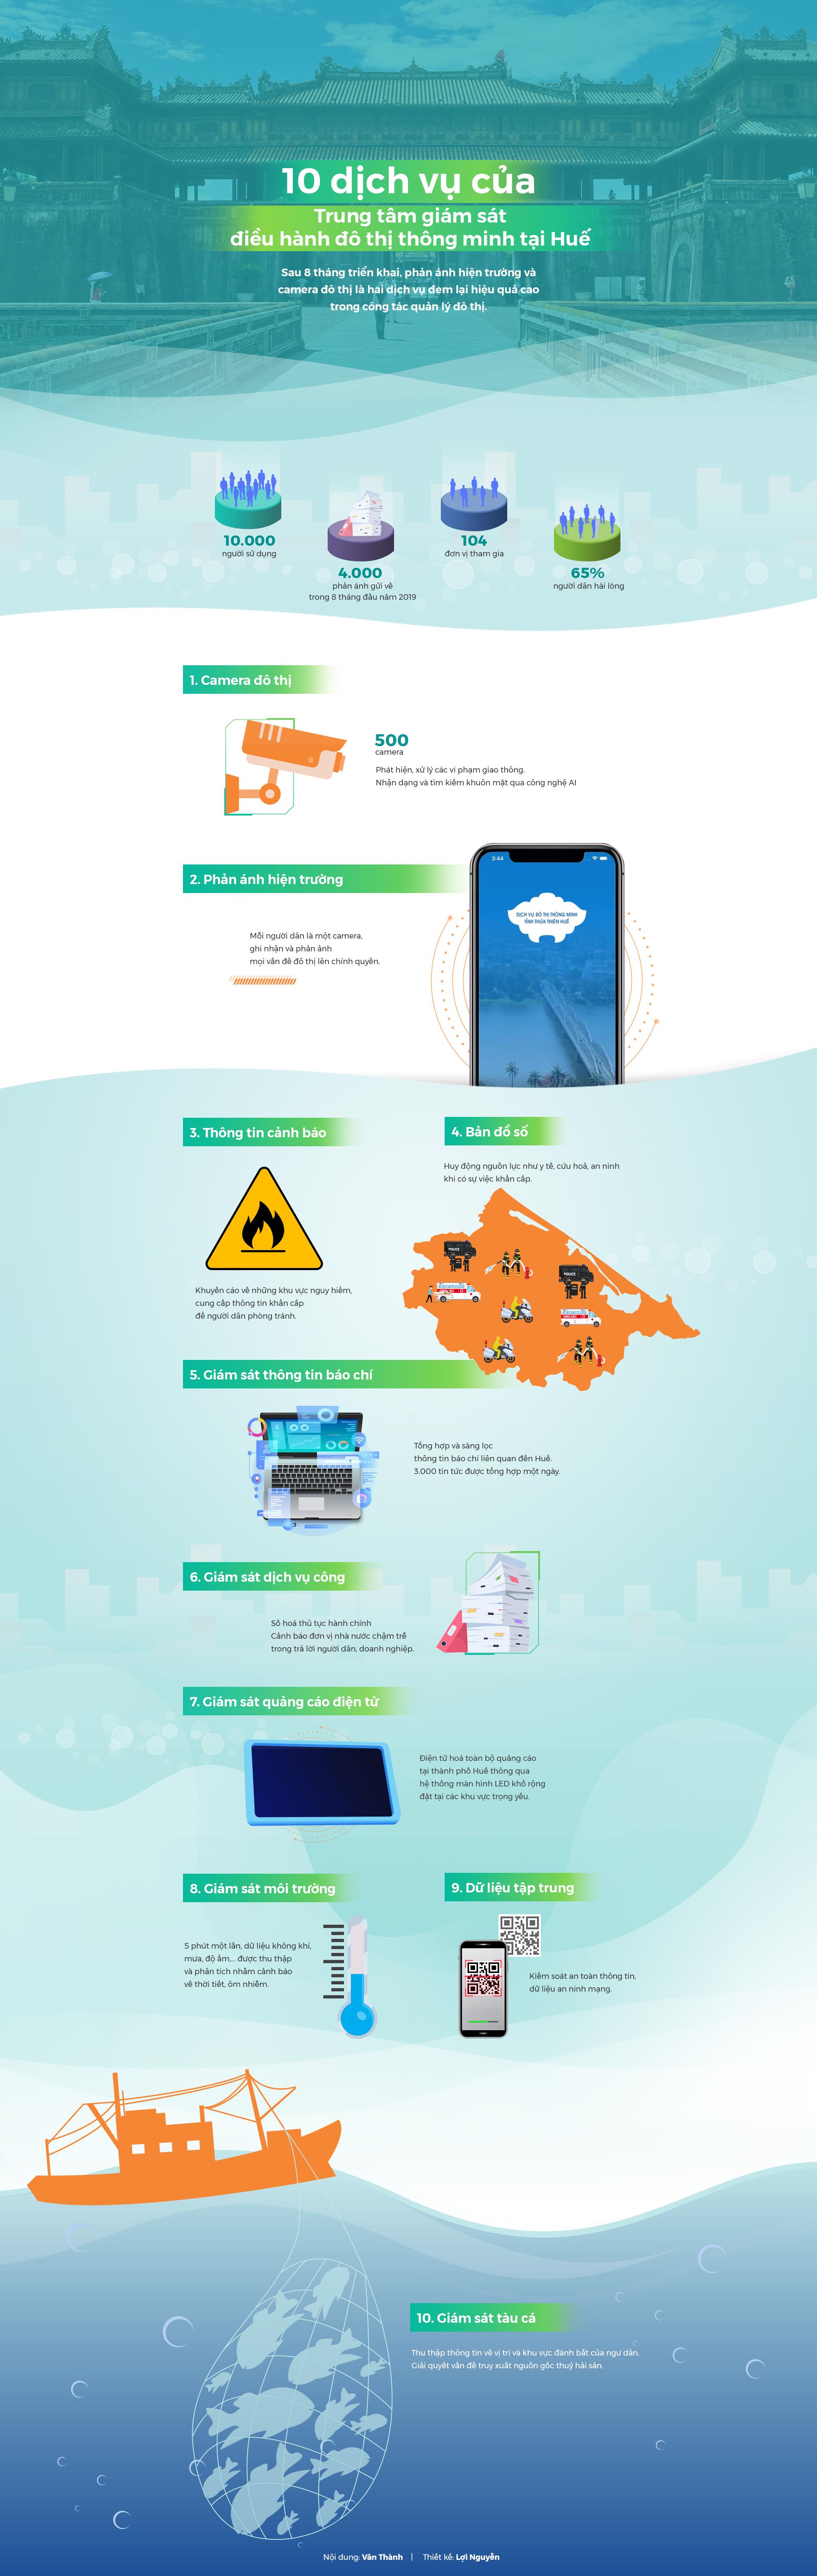 10 dịch vụ của Trung tâm giám sát điều hành đô thị thông minh Huế